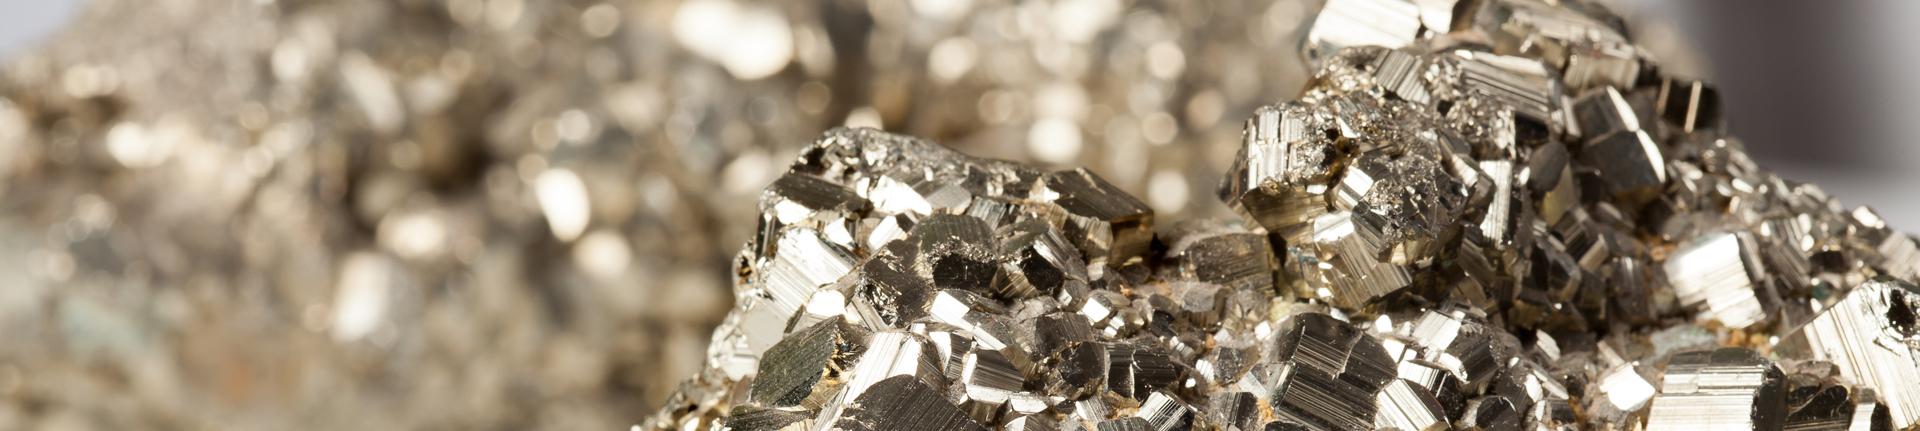 Pedra pirita: benefícios